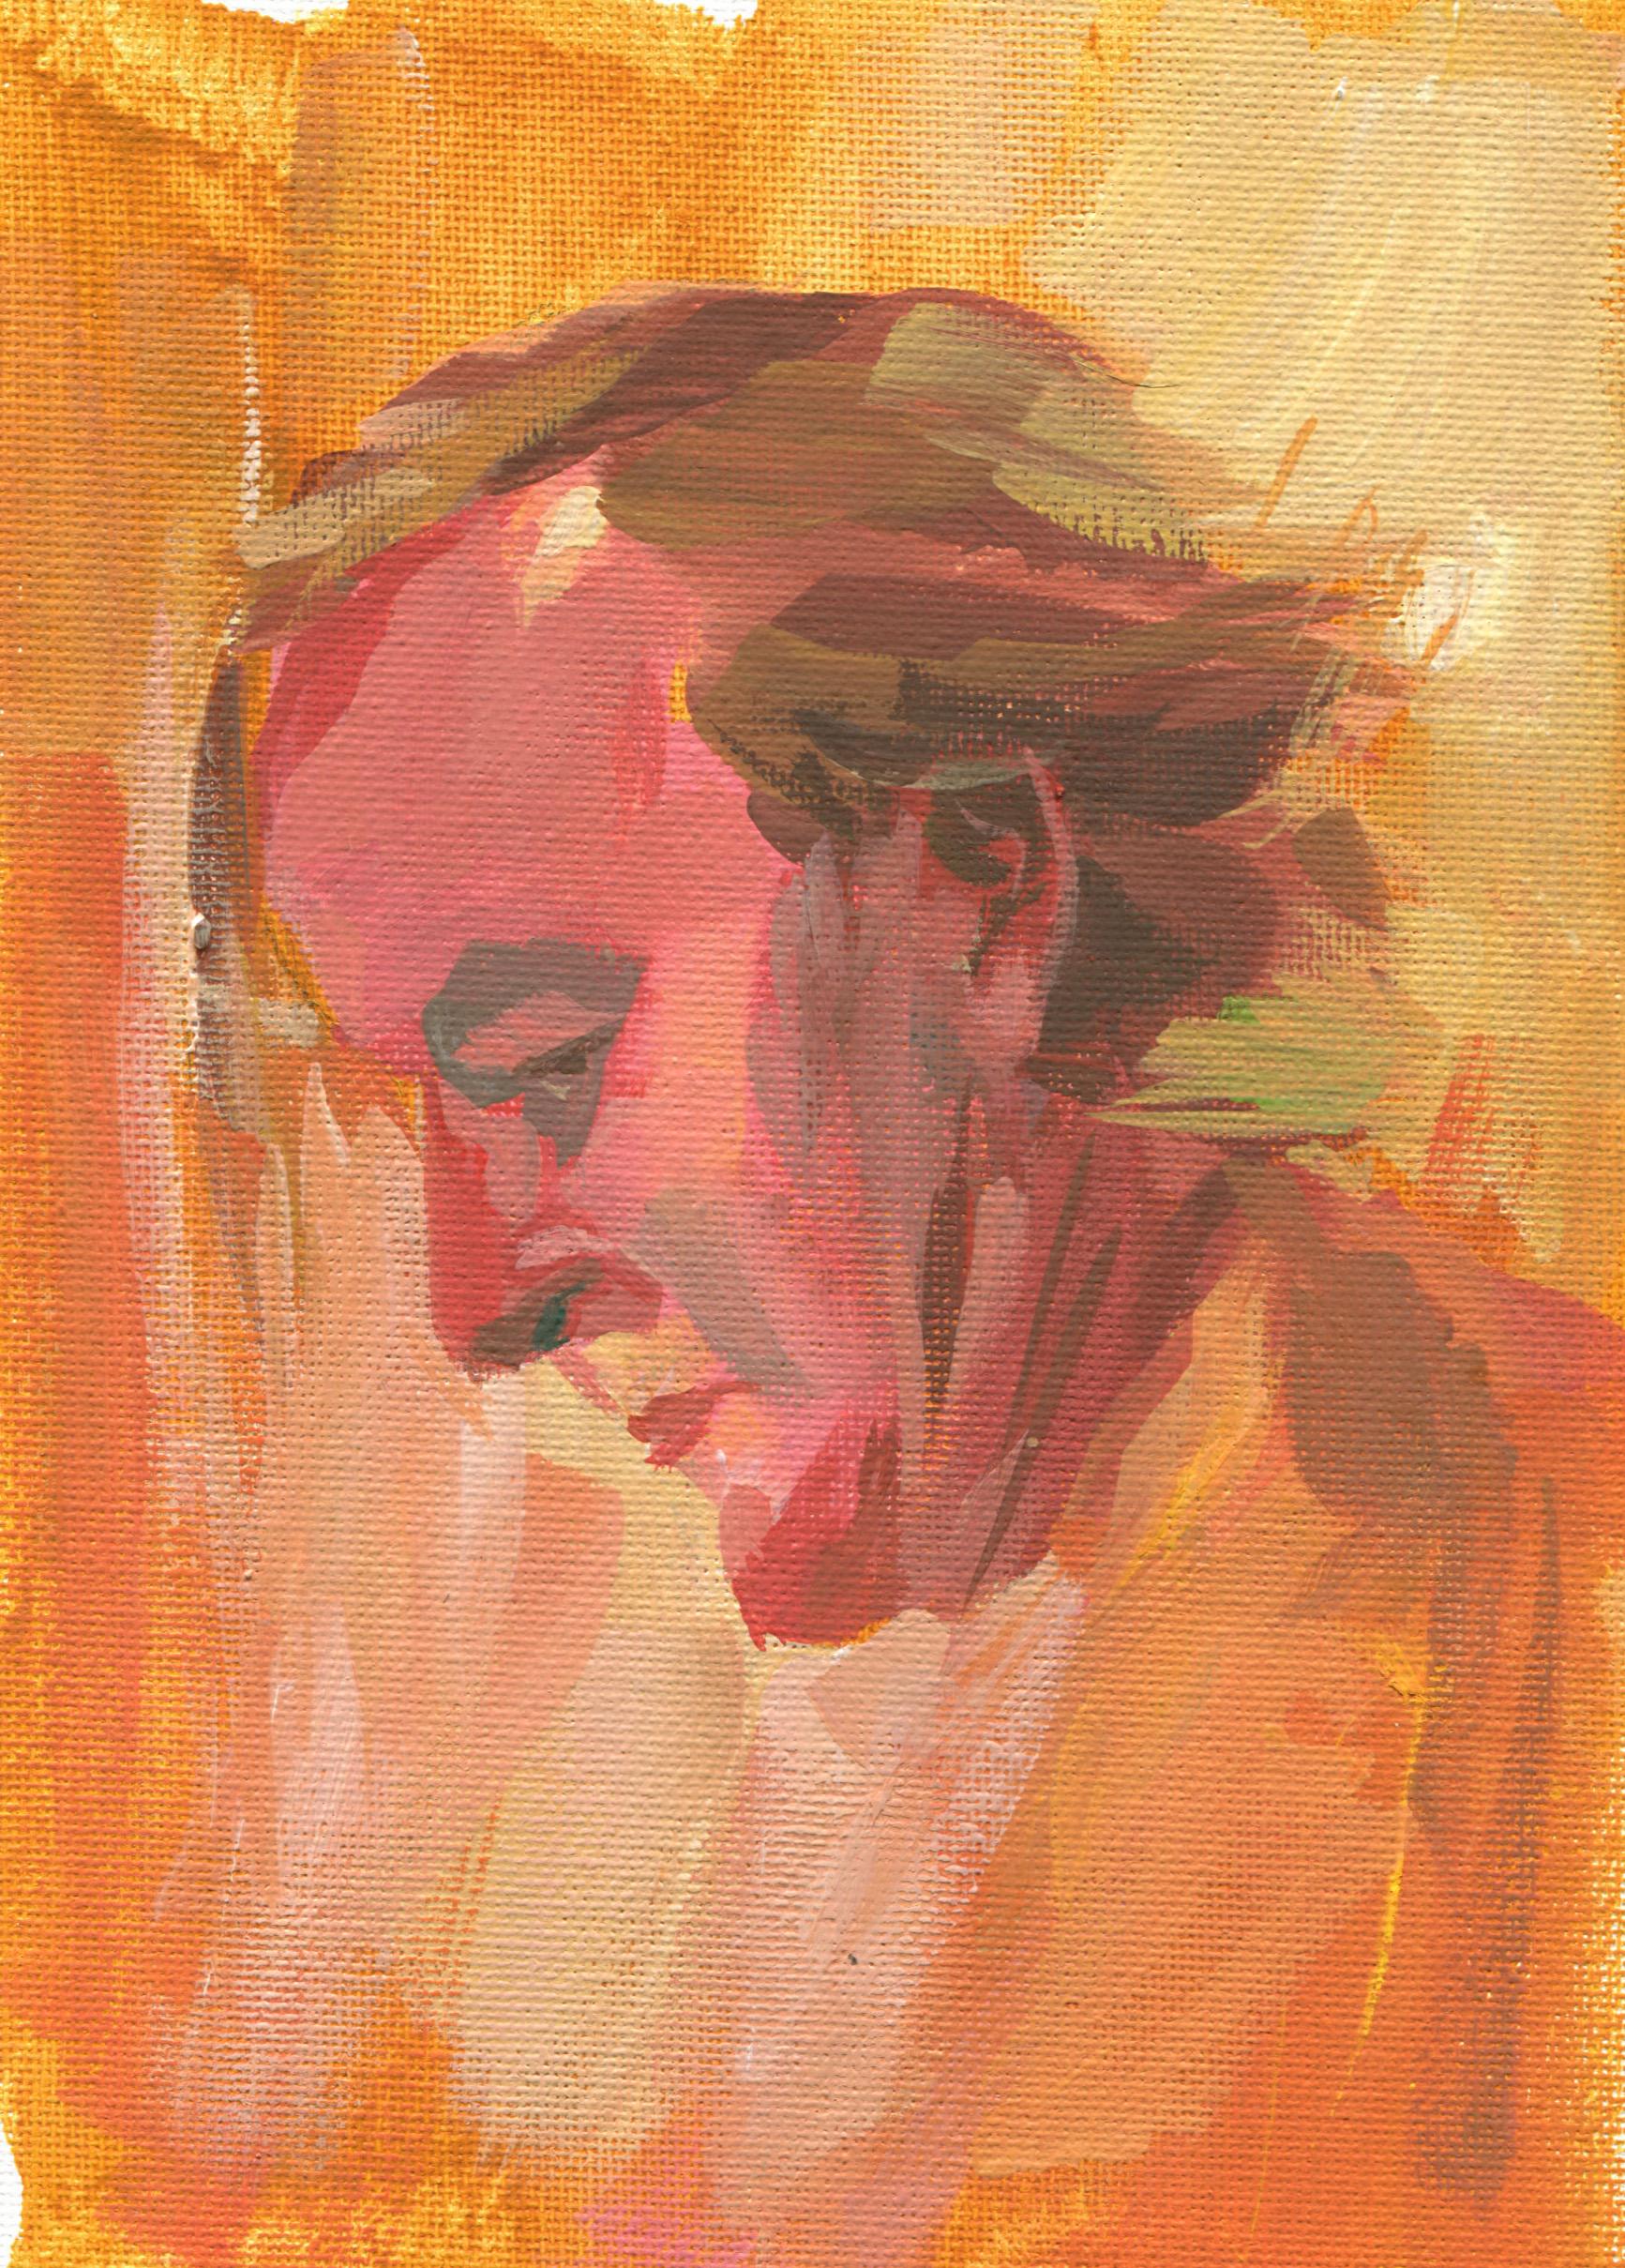 eugene_portrait_painting_emery.jpg